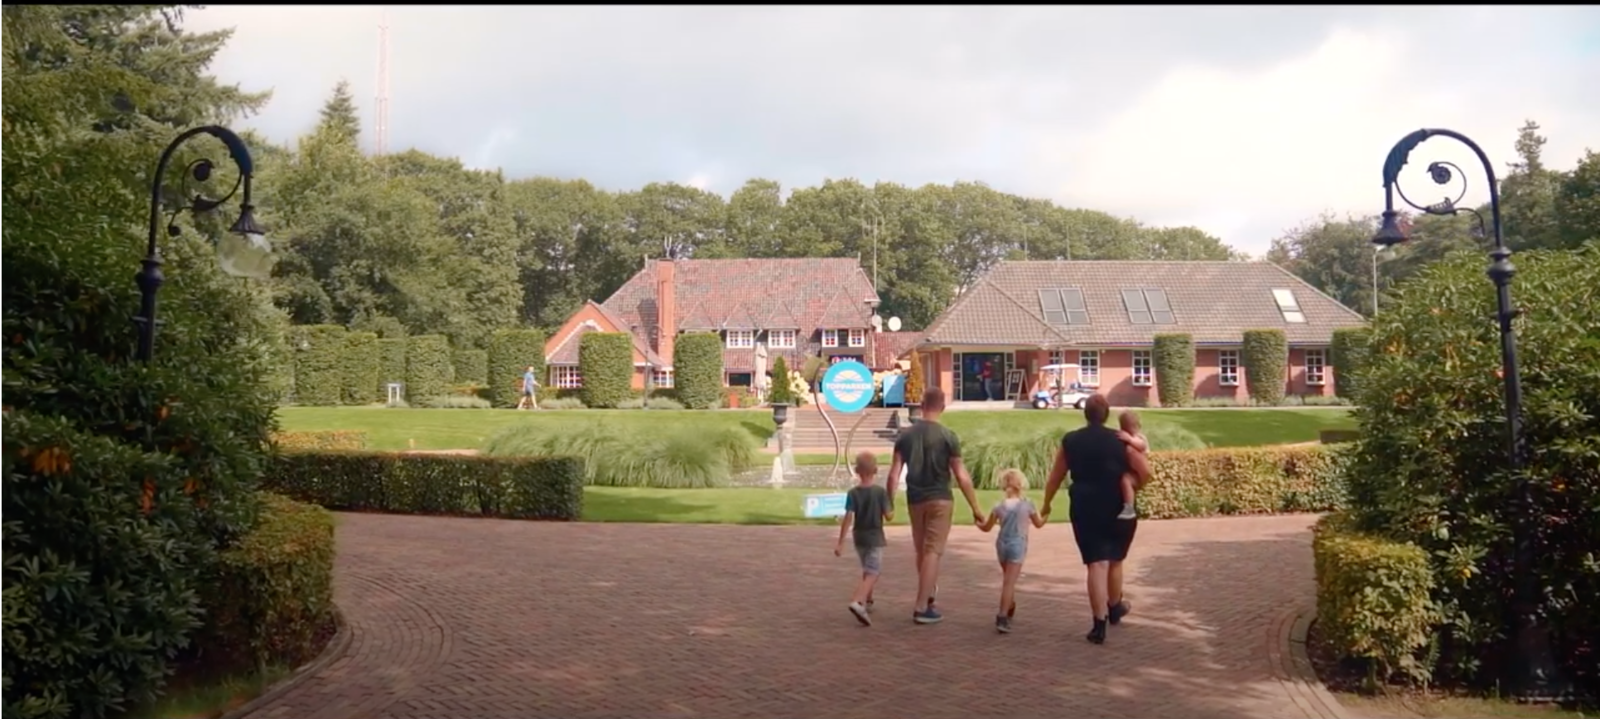 TopParken speelt met nieuwe reclamevideo in op toename vakanties in eigen land